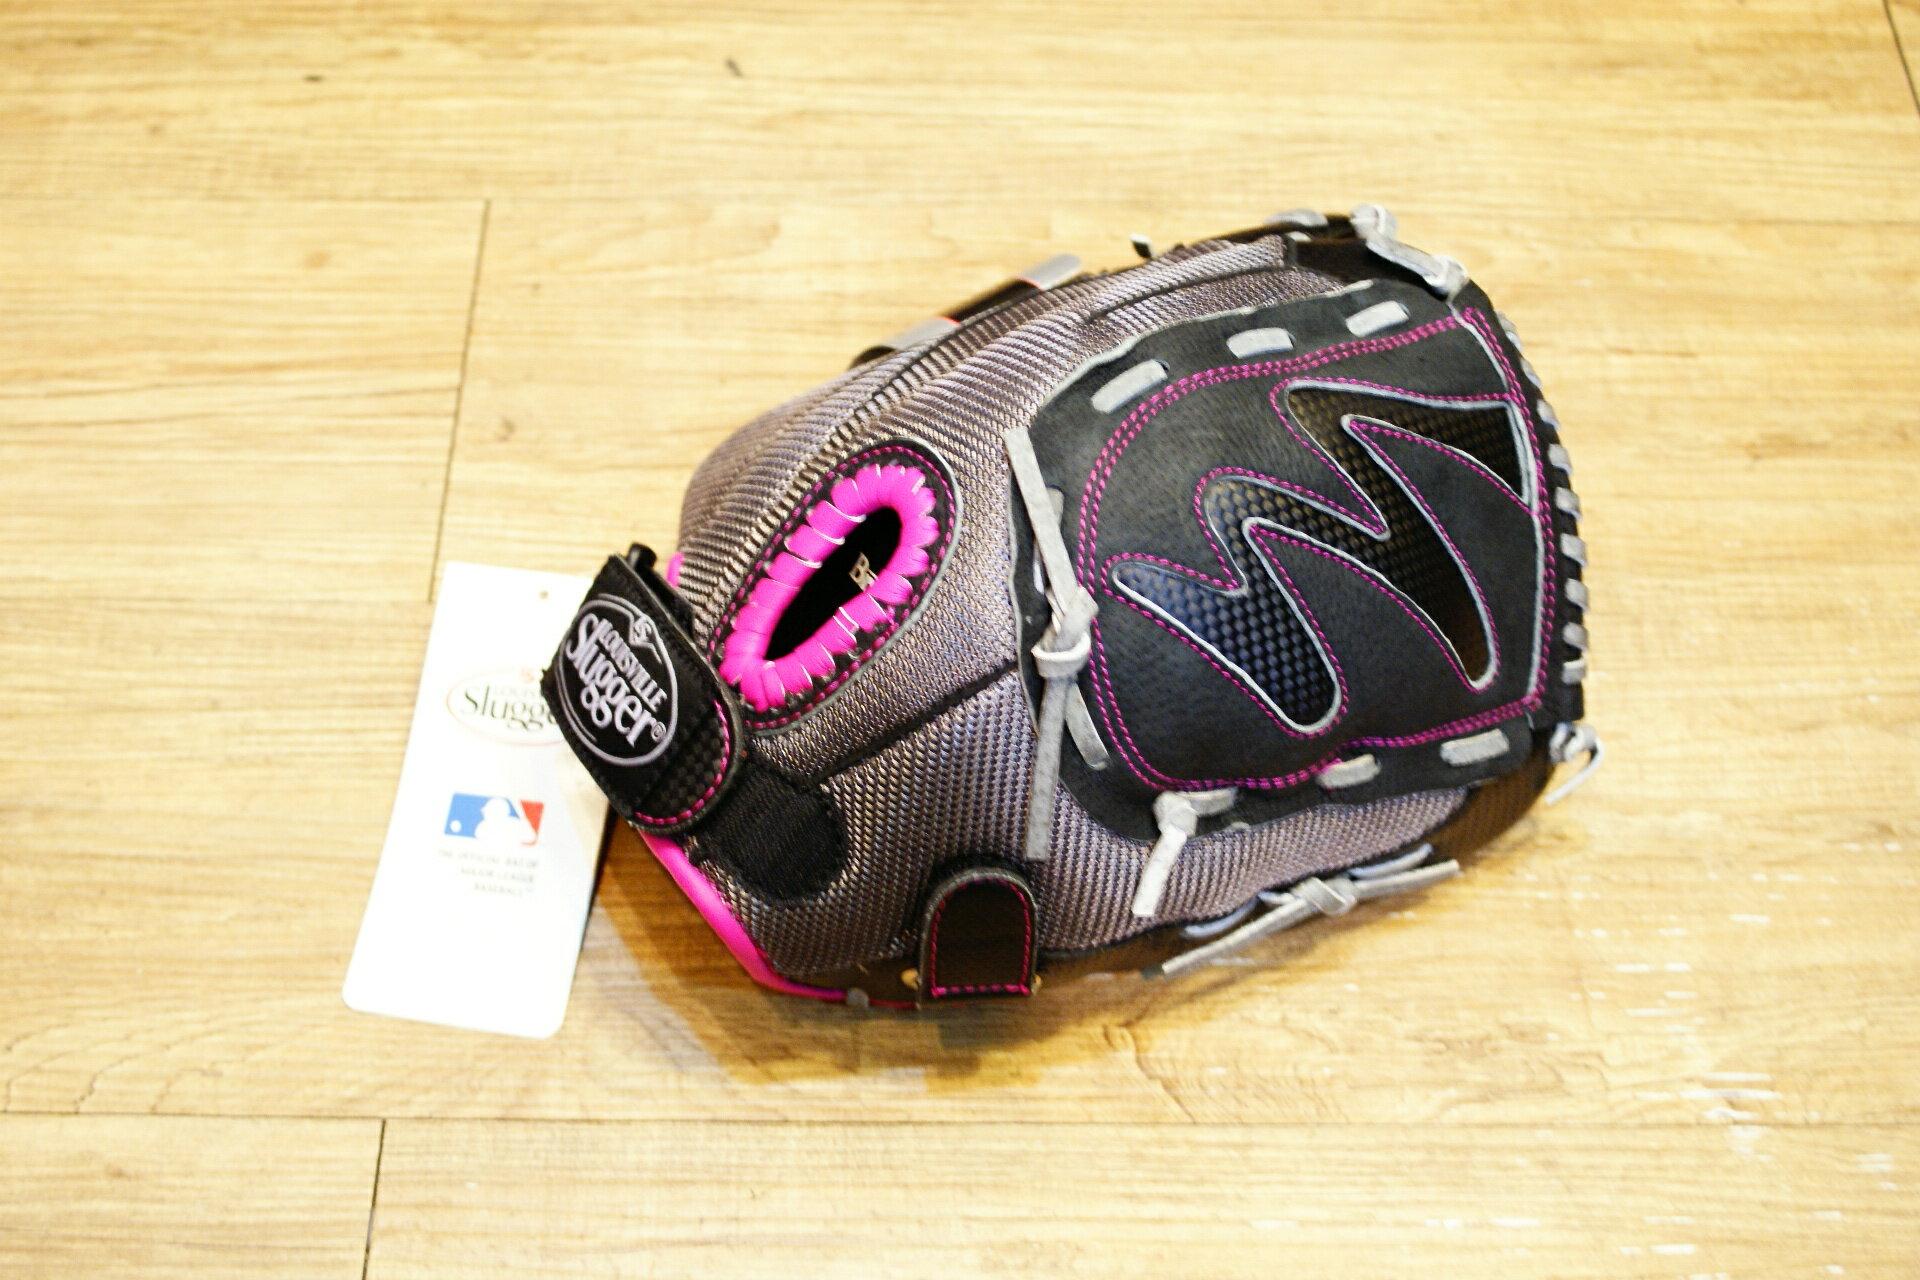 棒球世界 Louisville Slugger 路易斯威爾 DIVA之星系列11.5吋兒童手套(粉紅/灰)特價